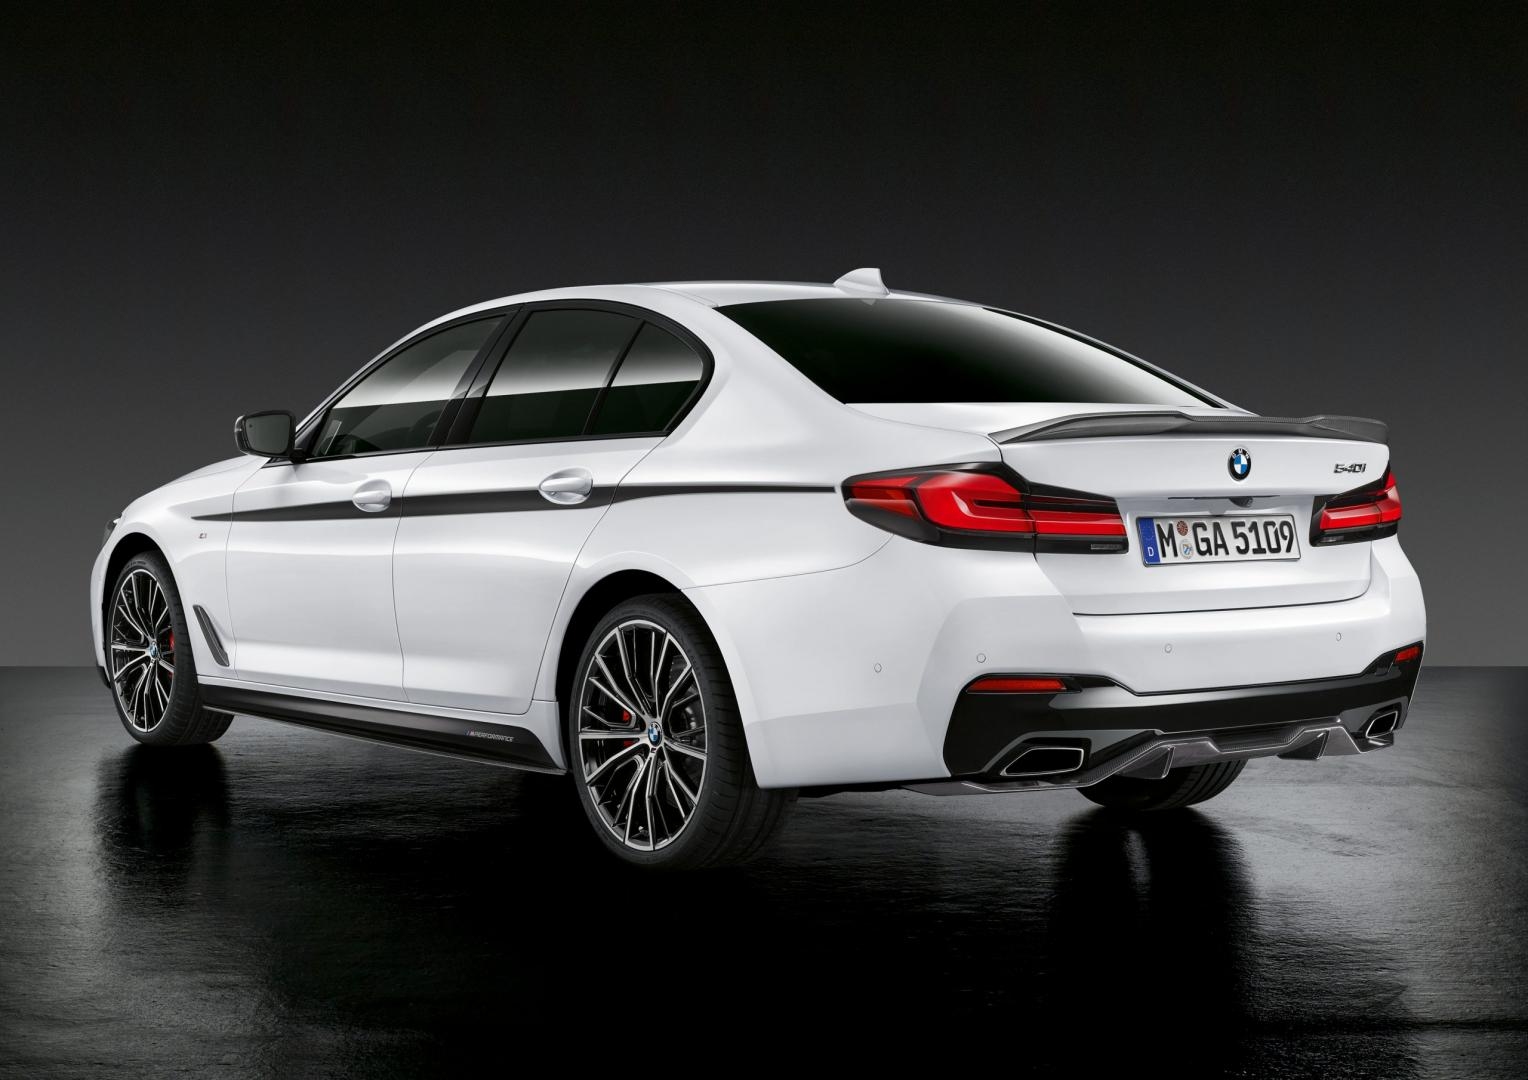 Achterkant BMW 5-serie facelift 2020